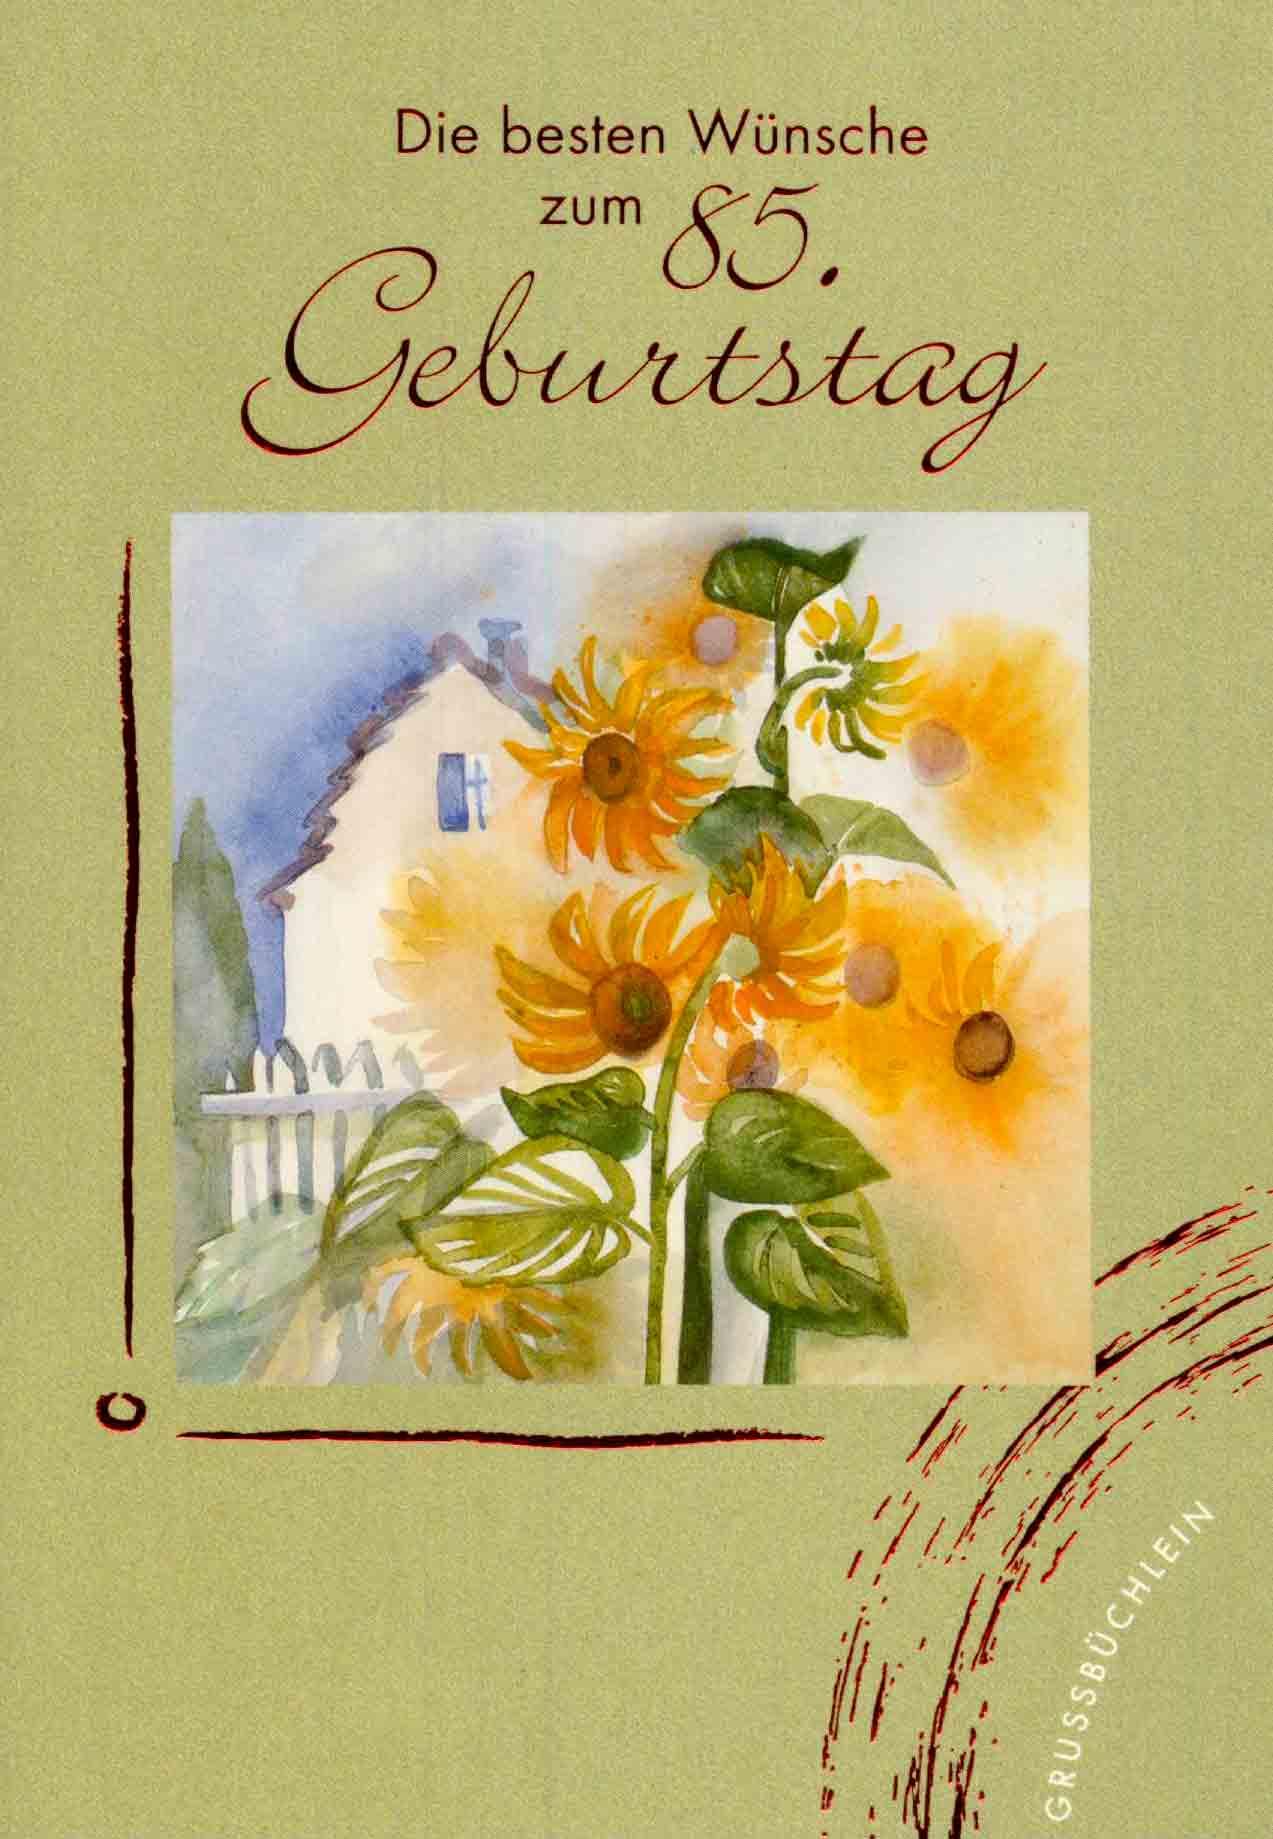 Verlagsshop gru b chlein zum 85 geburtstag b cher - Geschenke zum 85 geburtstag ...